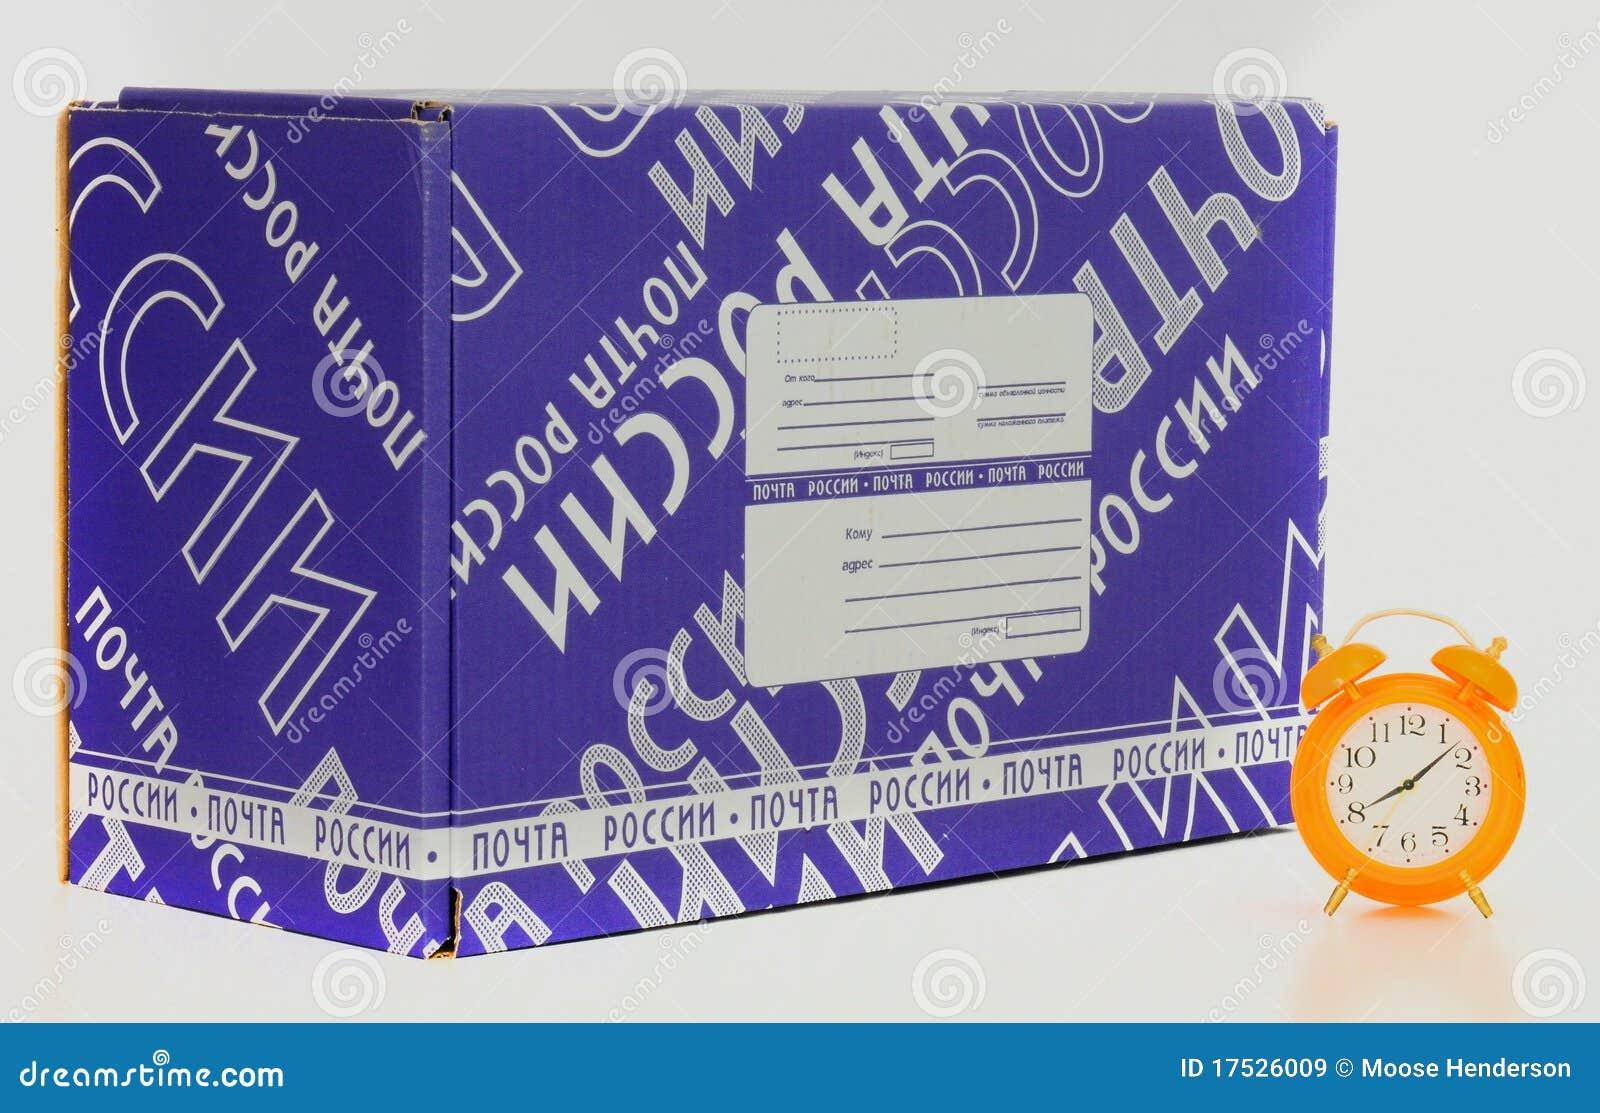 Tempo di spedire pacco postale immagine stock editoriale